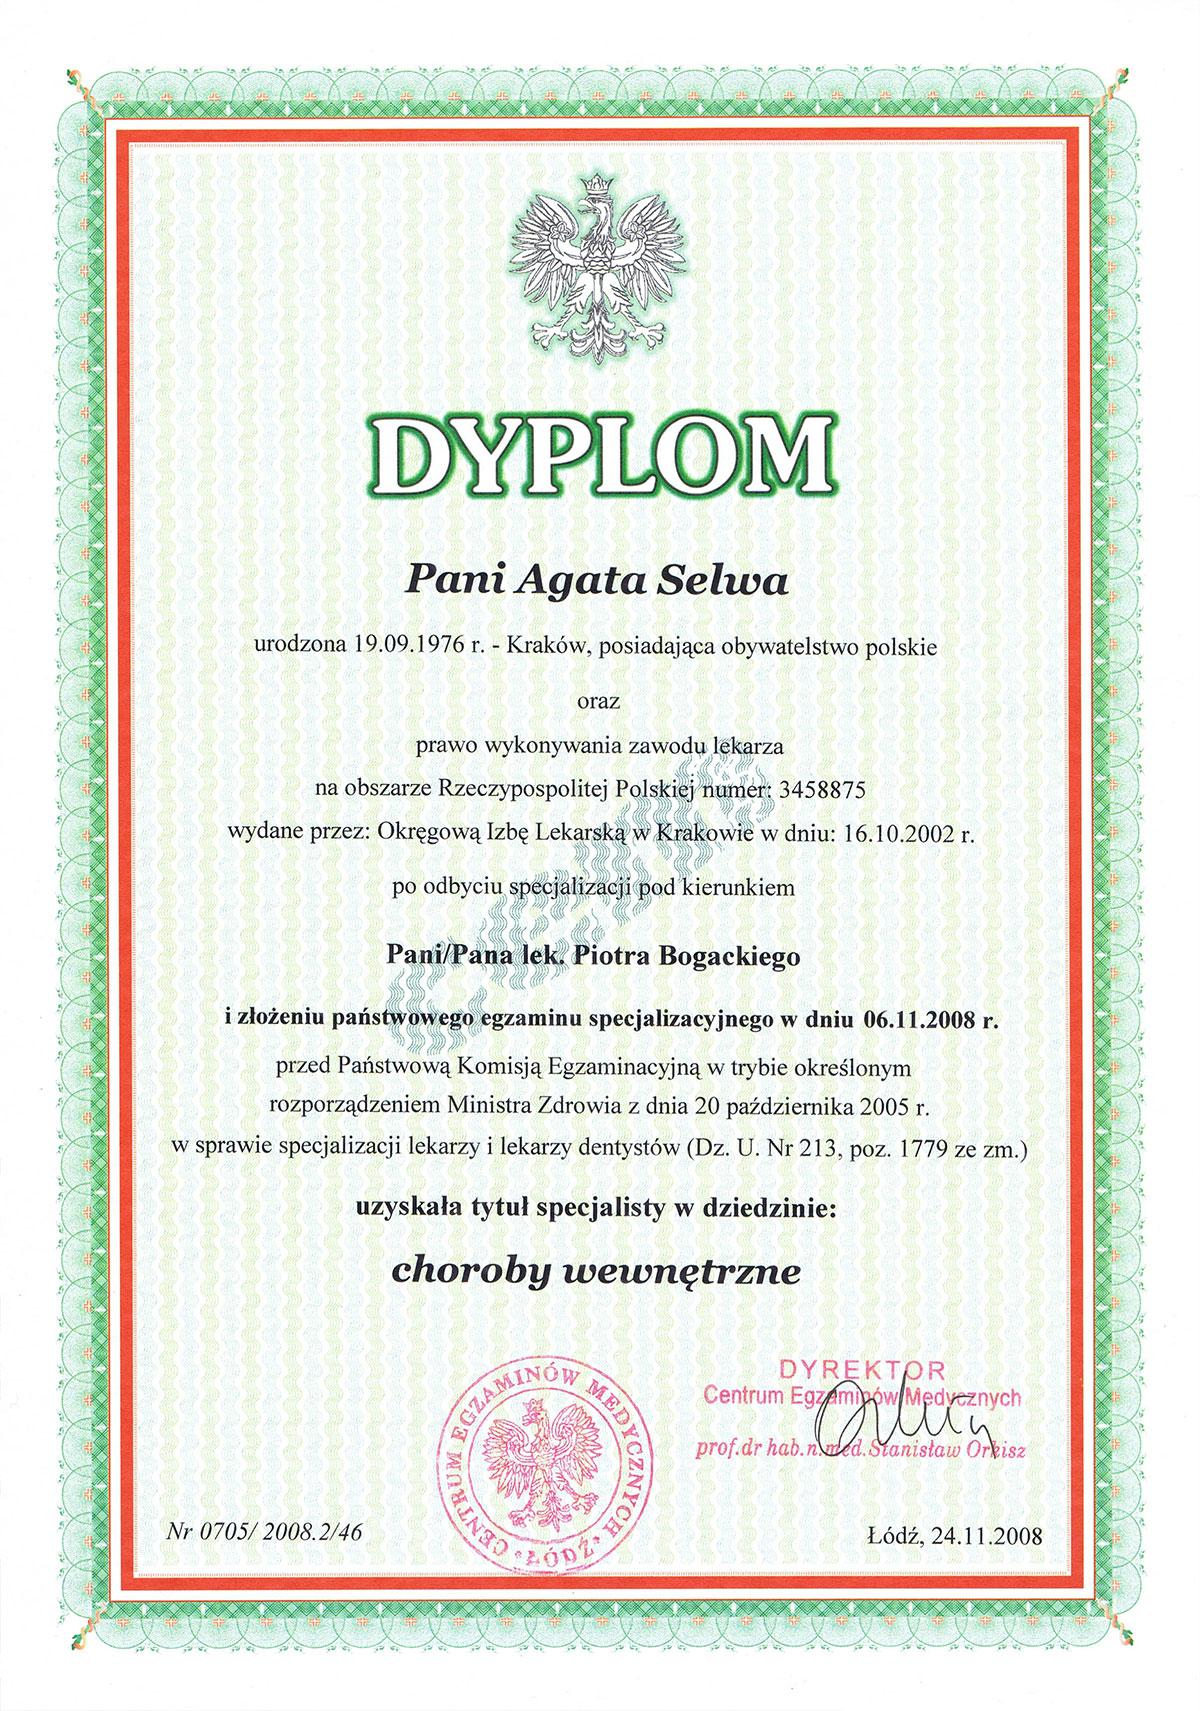 certyfikat5 - O MNIE